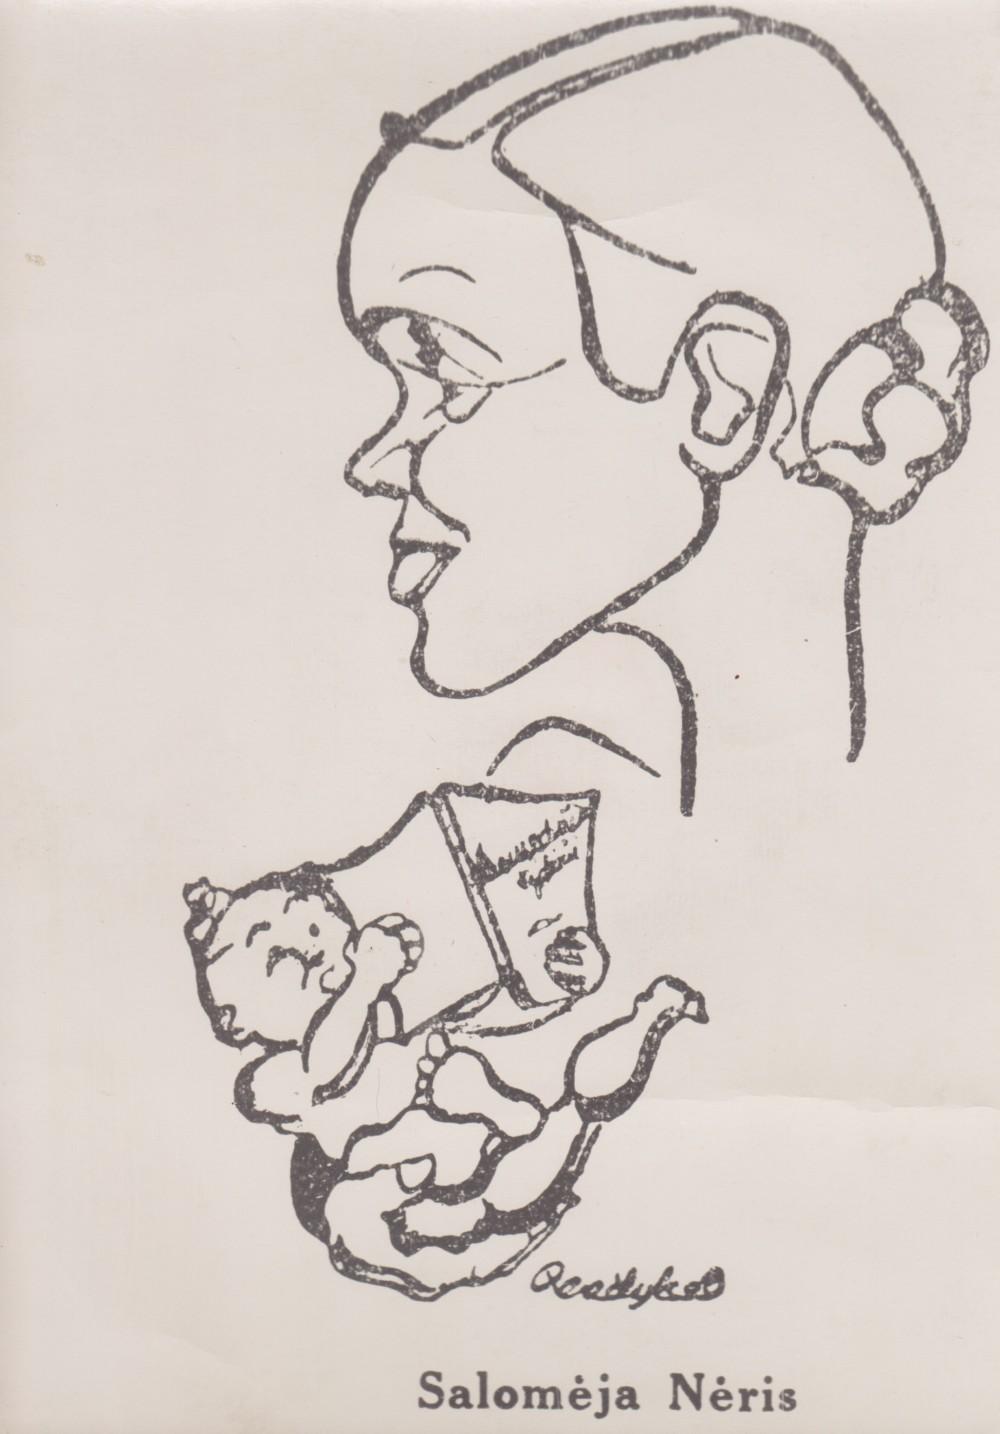 S. Bučienės draugiškas šaržas valstybinės premijos įteikimo proga. 1938 m. Dail. J. Penčyla